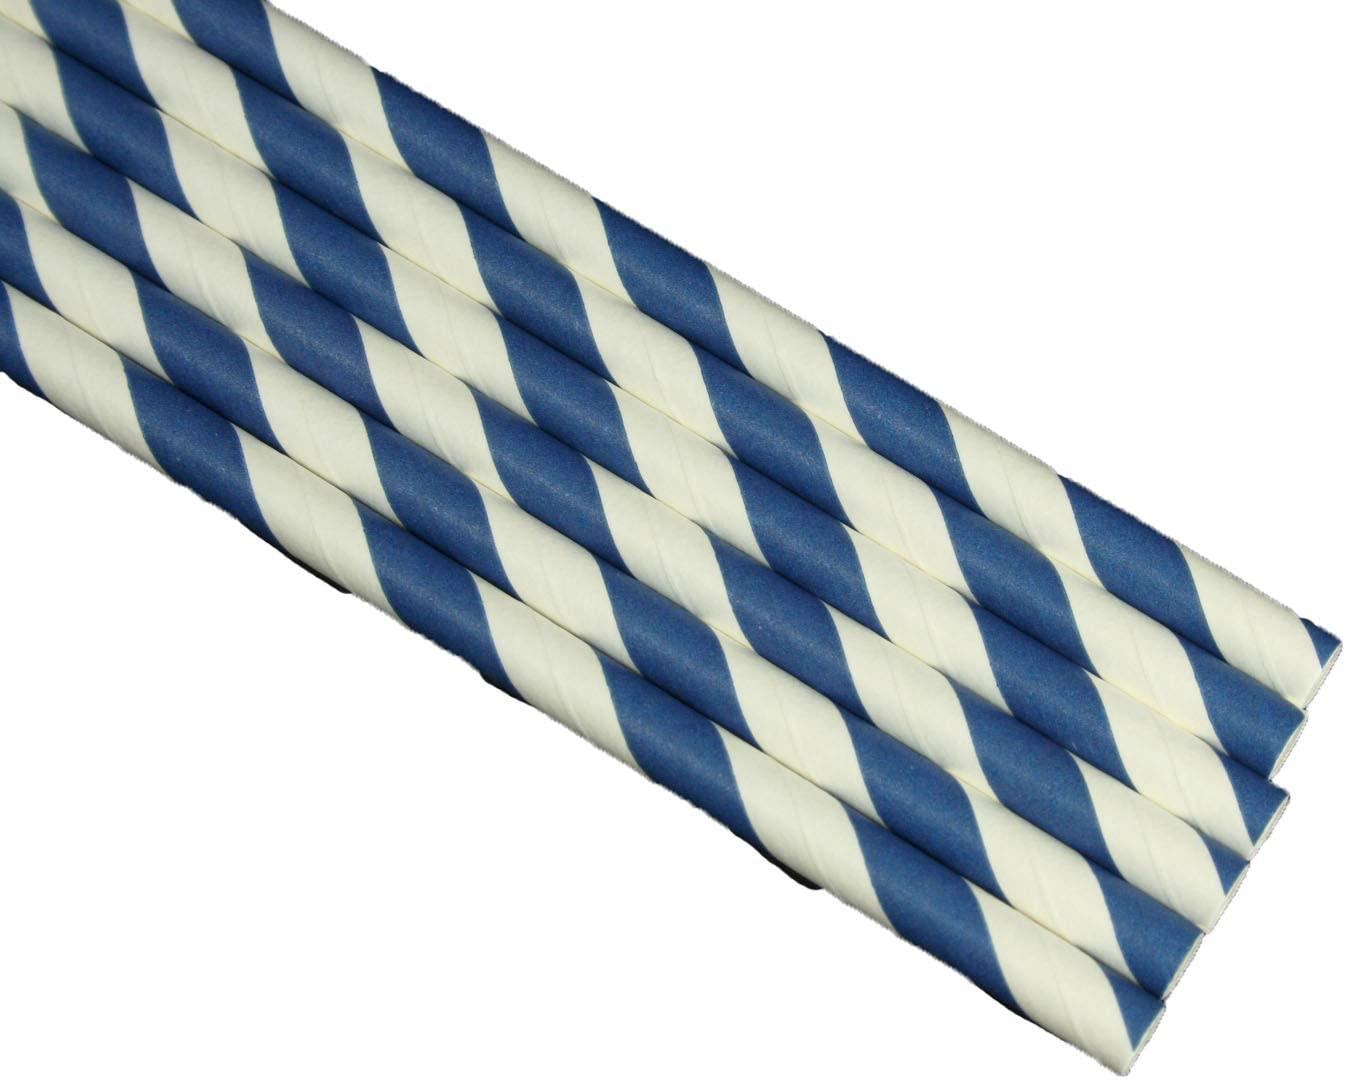 12 Striped Design Eco-Friendly 7.75